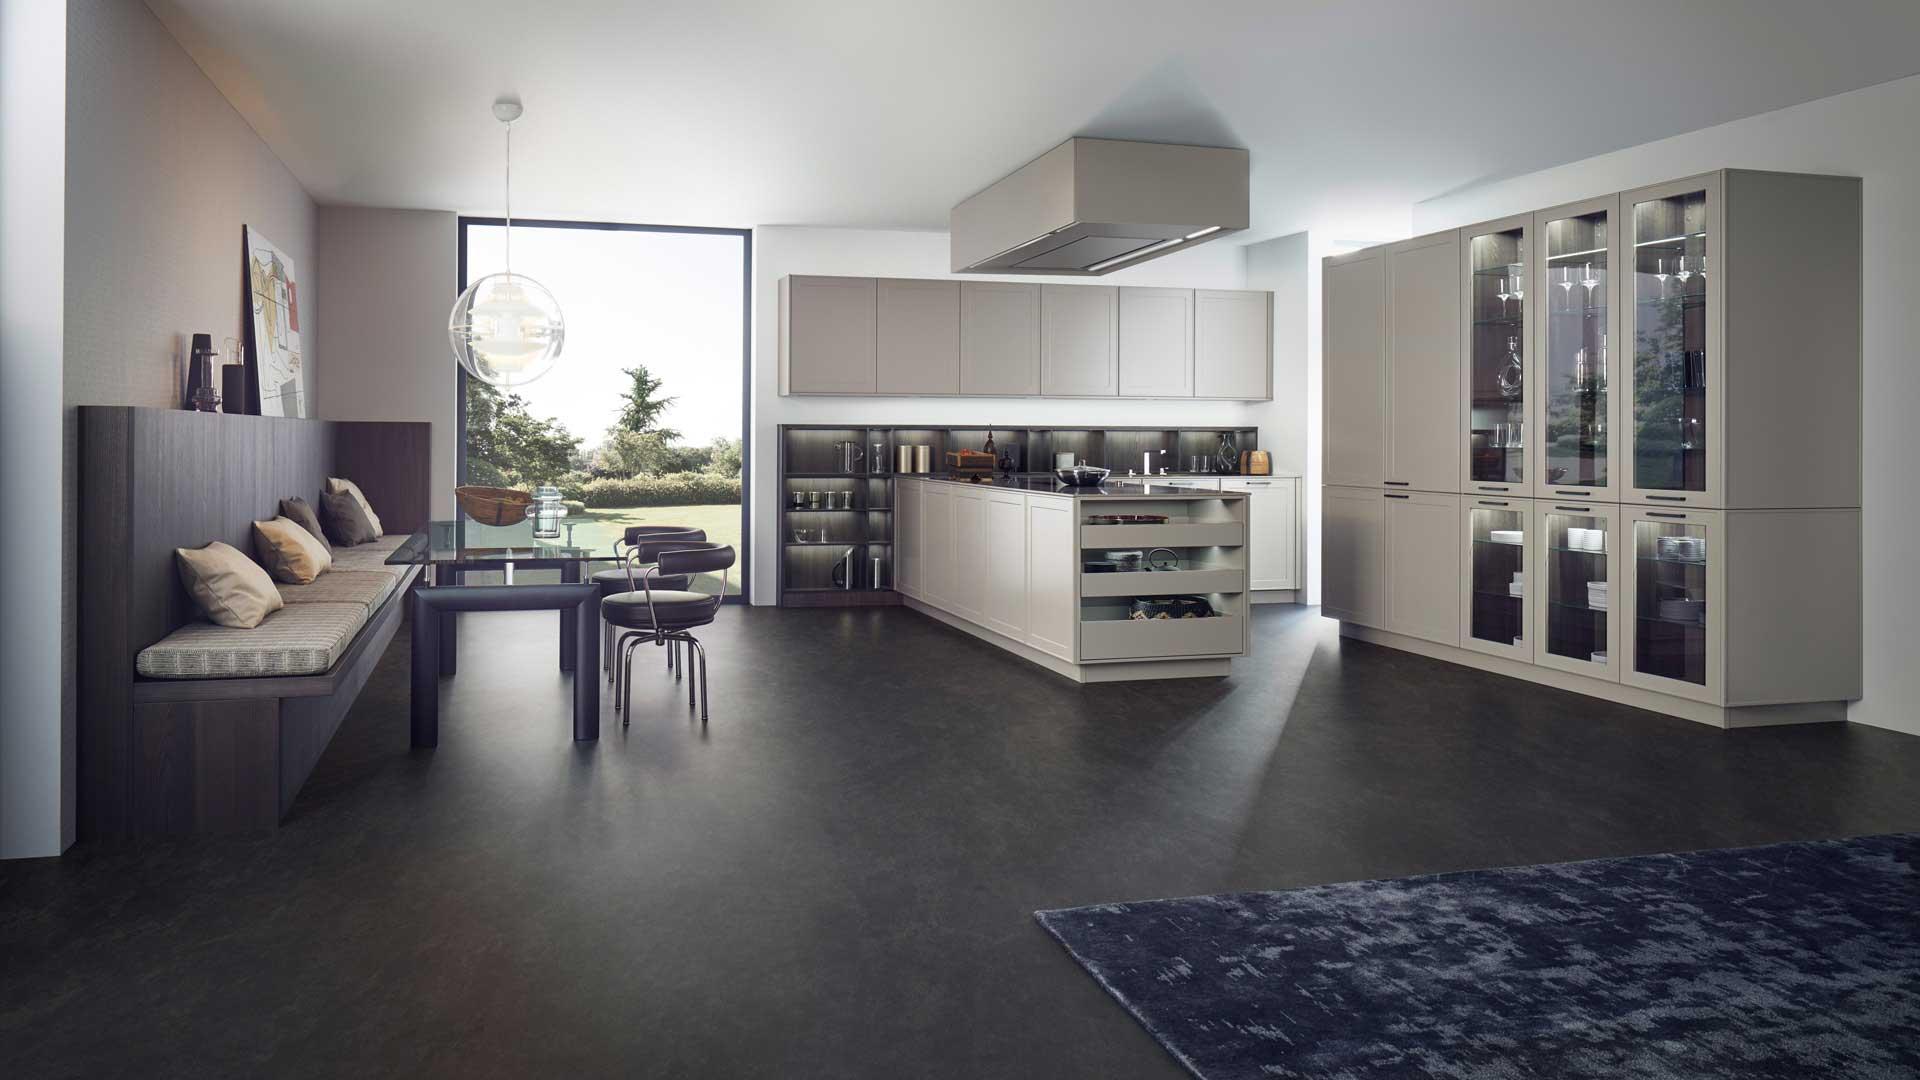 Leicht Designküche mit Miele Geräten im Küchenstudio Ebner & Spuller in Graz